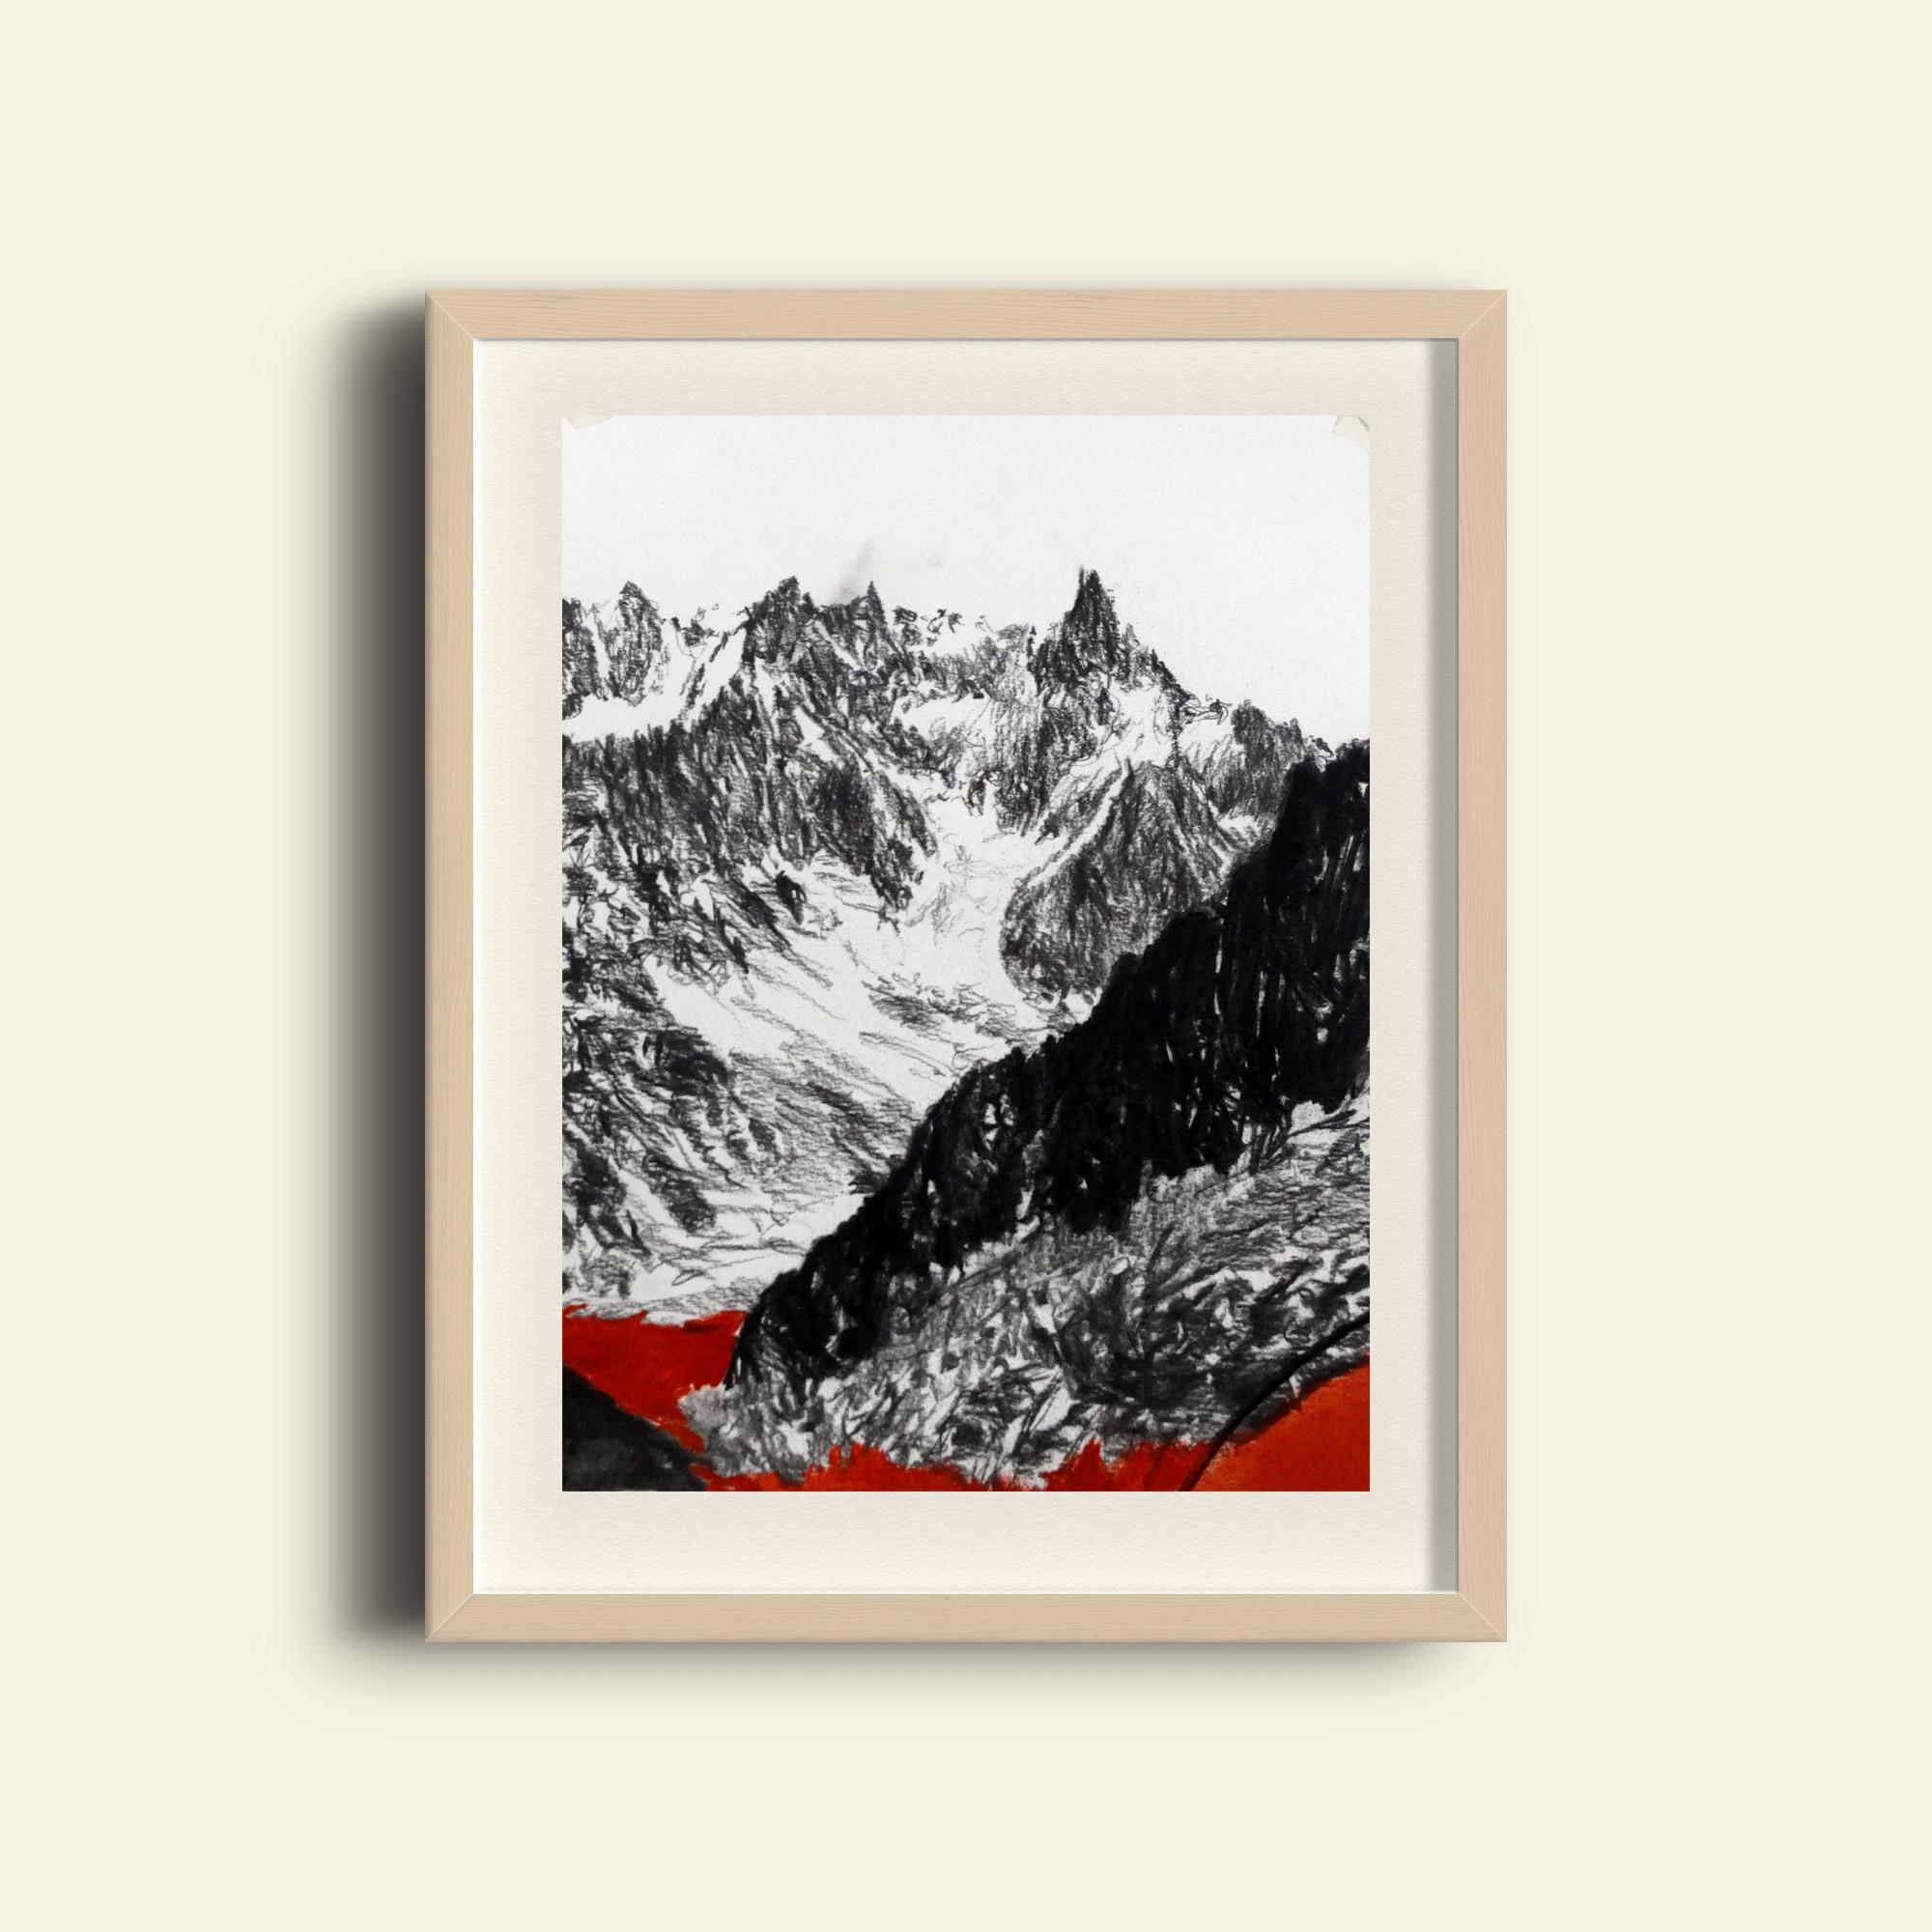 frames03.jpg